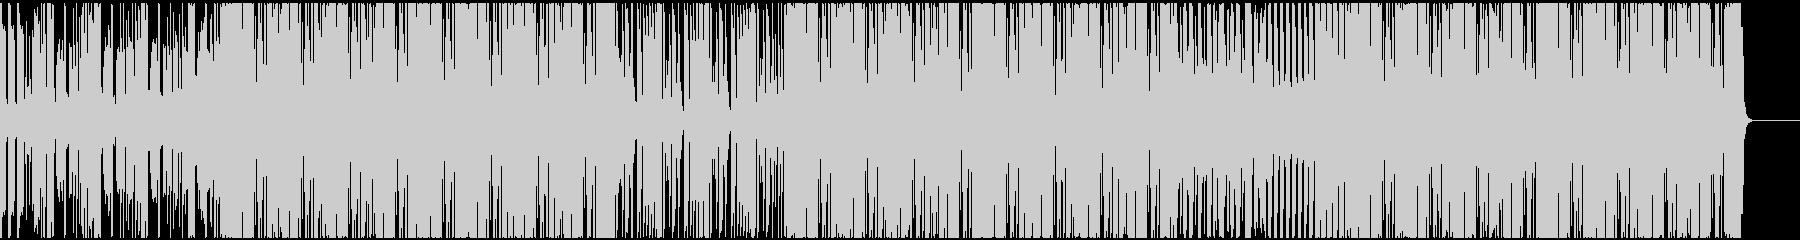 ファンクでハッピーな曲の未再生の波形